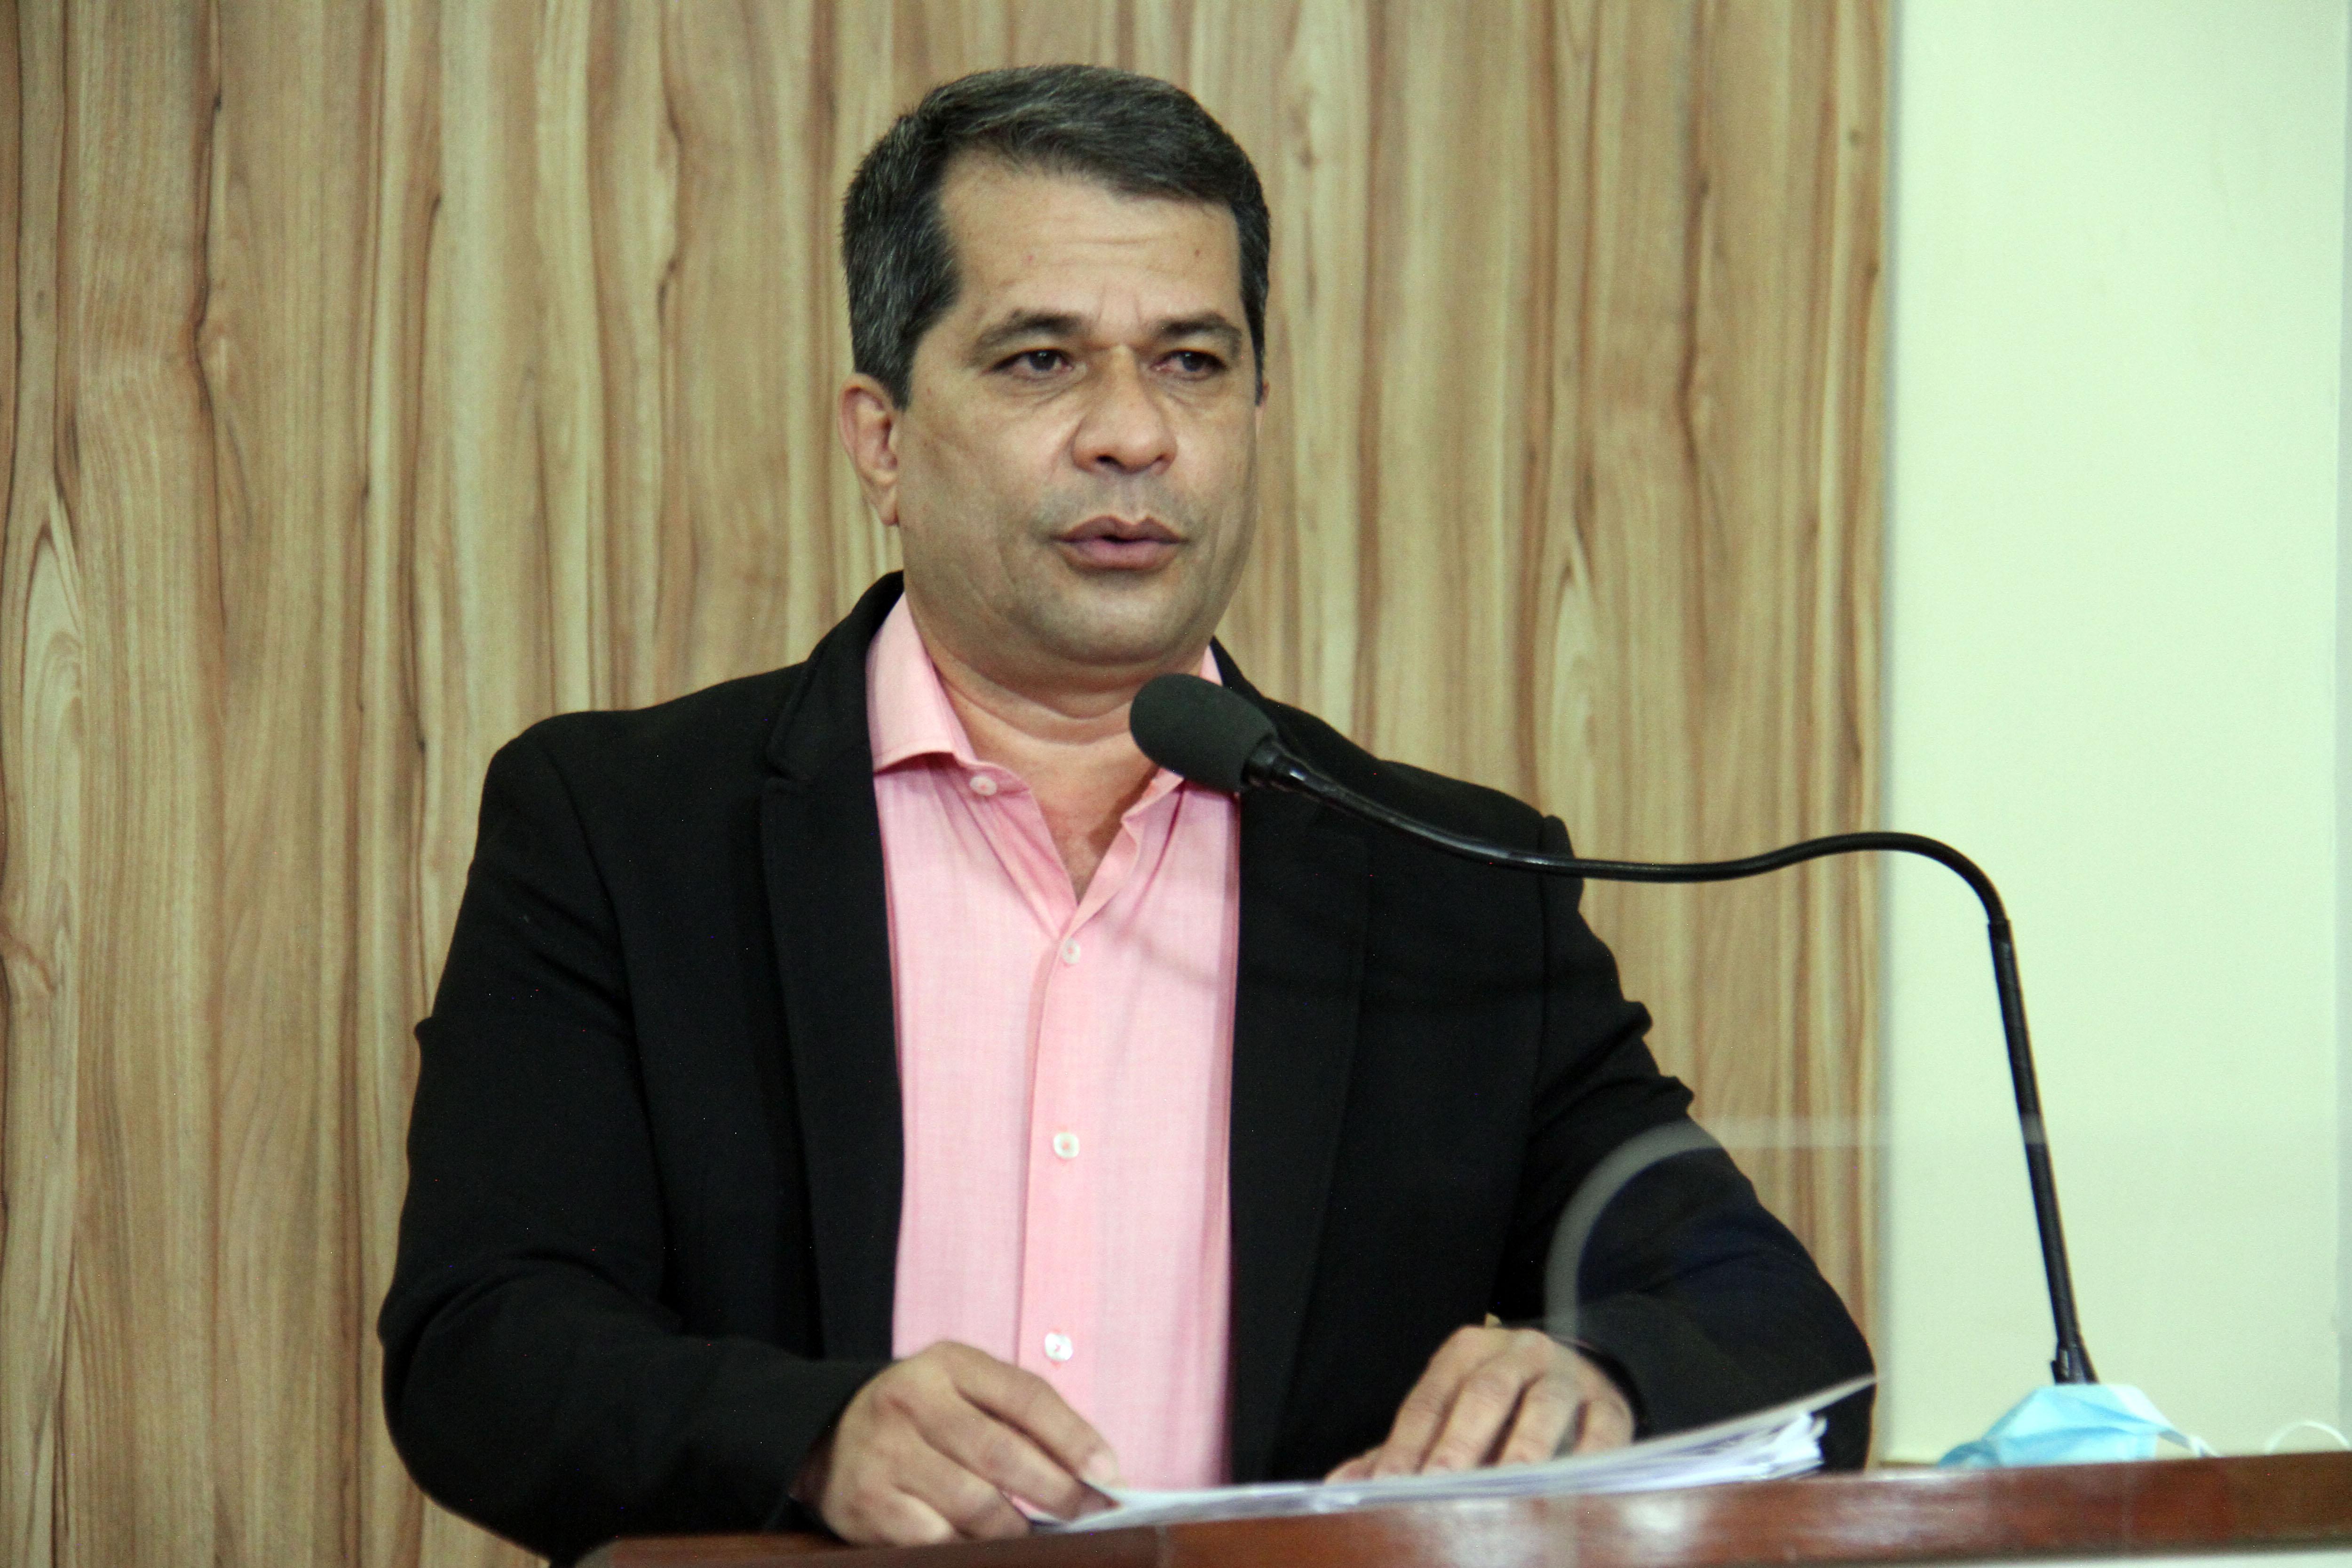 #PraCegoVer: Foto mostra o presidente do DAEV, Ivair Nunes Pereira, discursando na tribuna da Câmara.